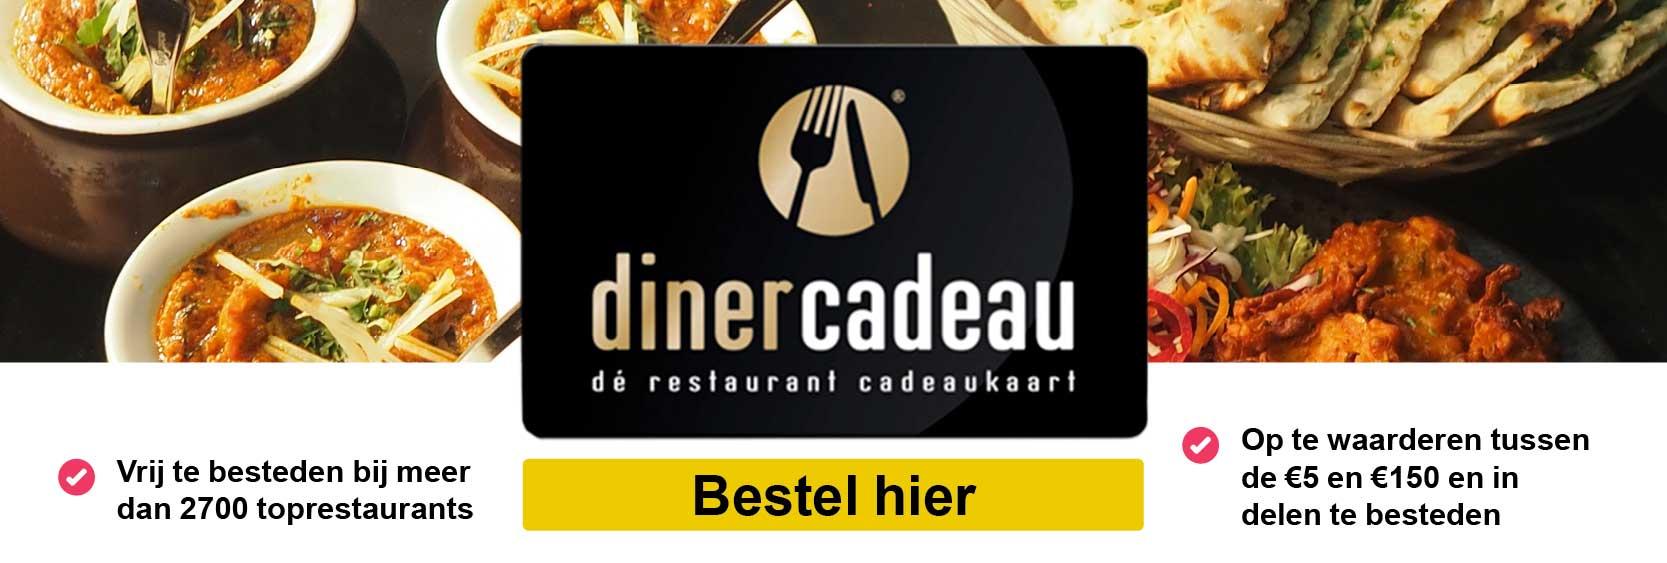 Verrassend Online een dinerbon of dinercadeaukaart kopen? |Dinercheque vind u hie OF-54